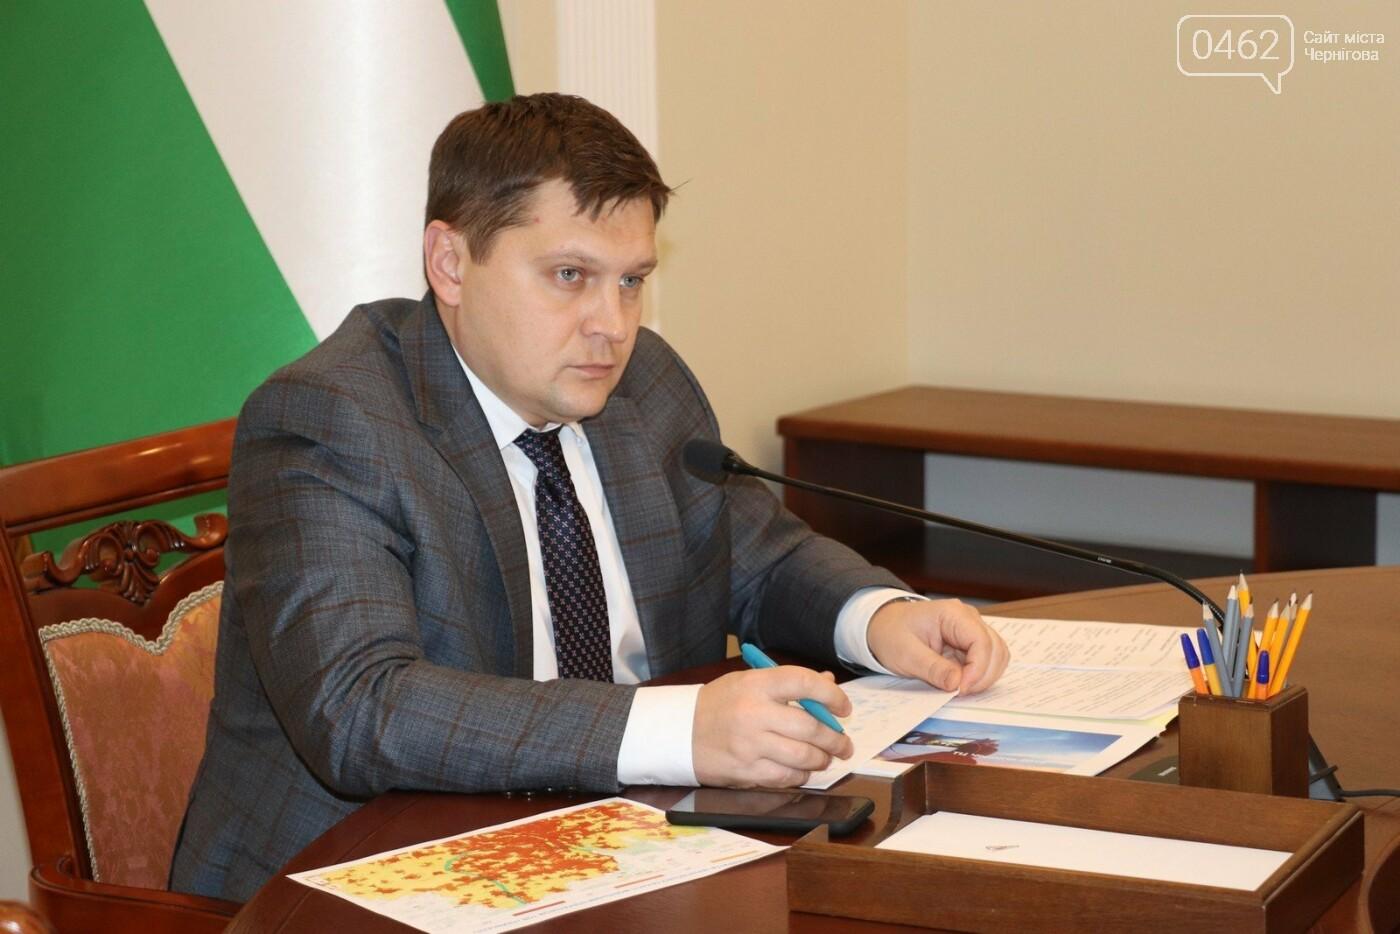 Губернатор Черниговщины представителям мобильных операторов: связь не качественная, фото-2